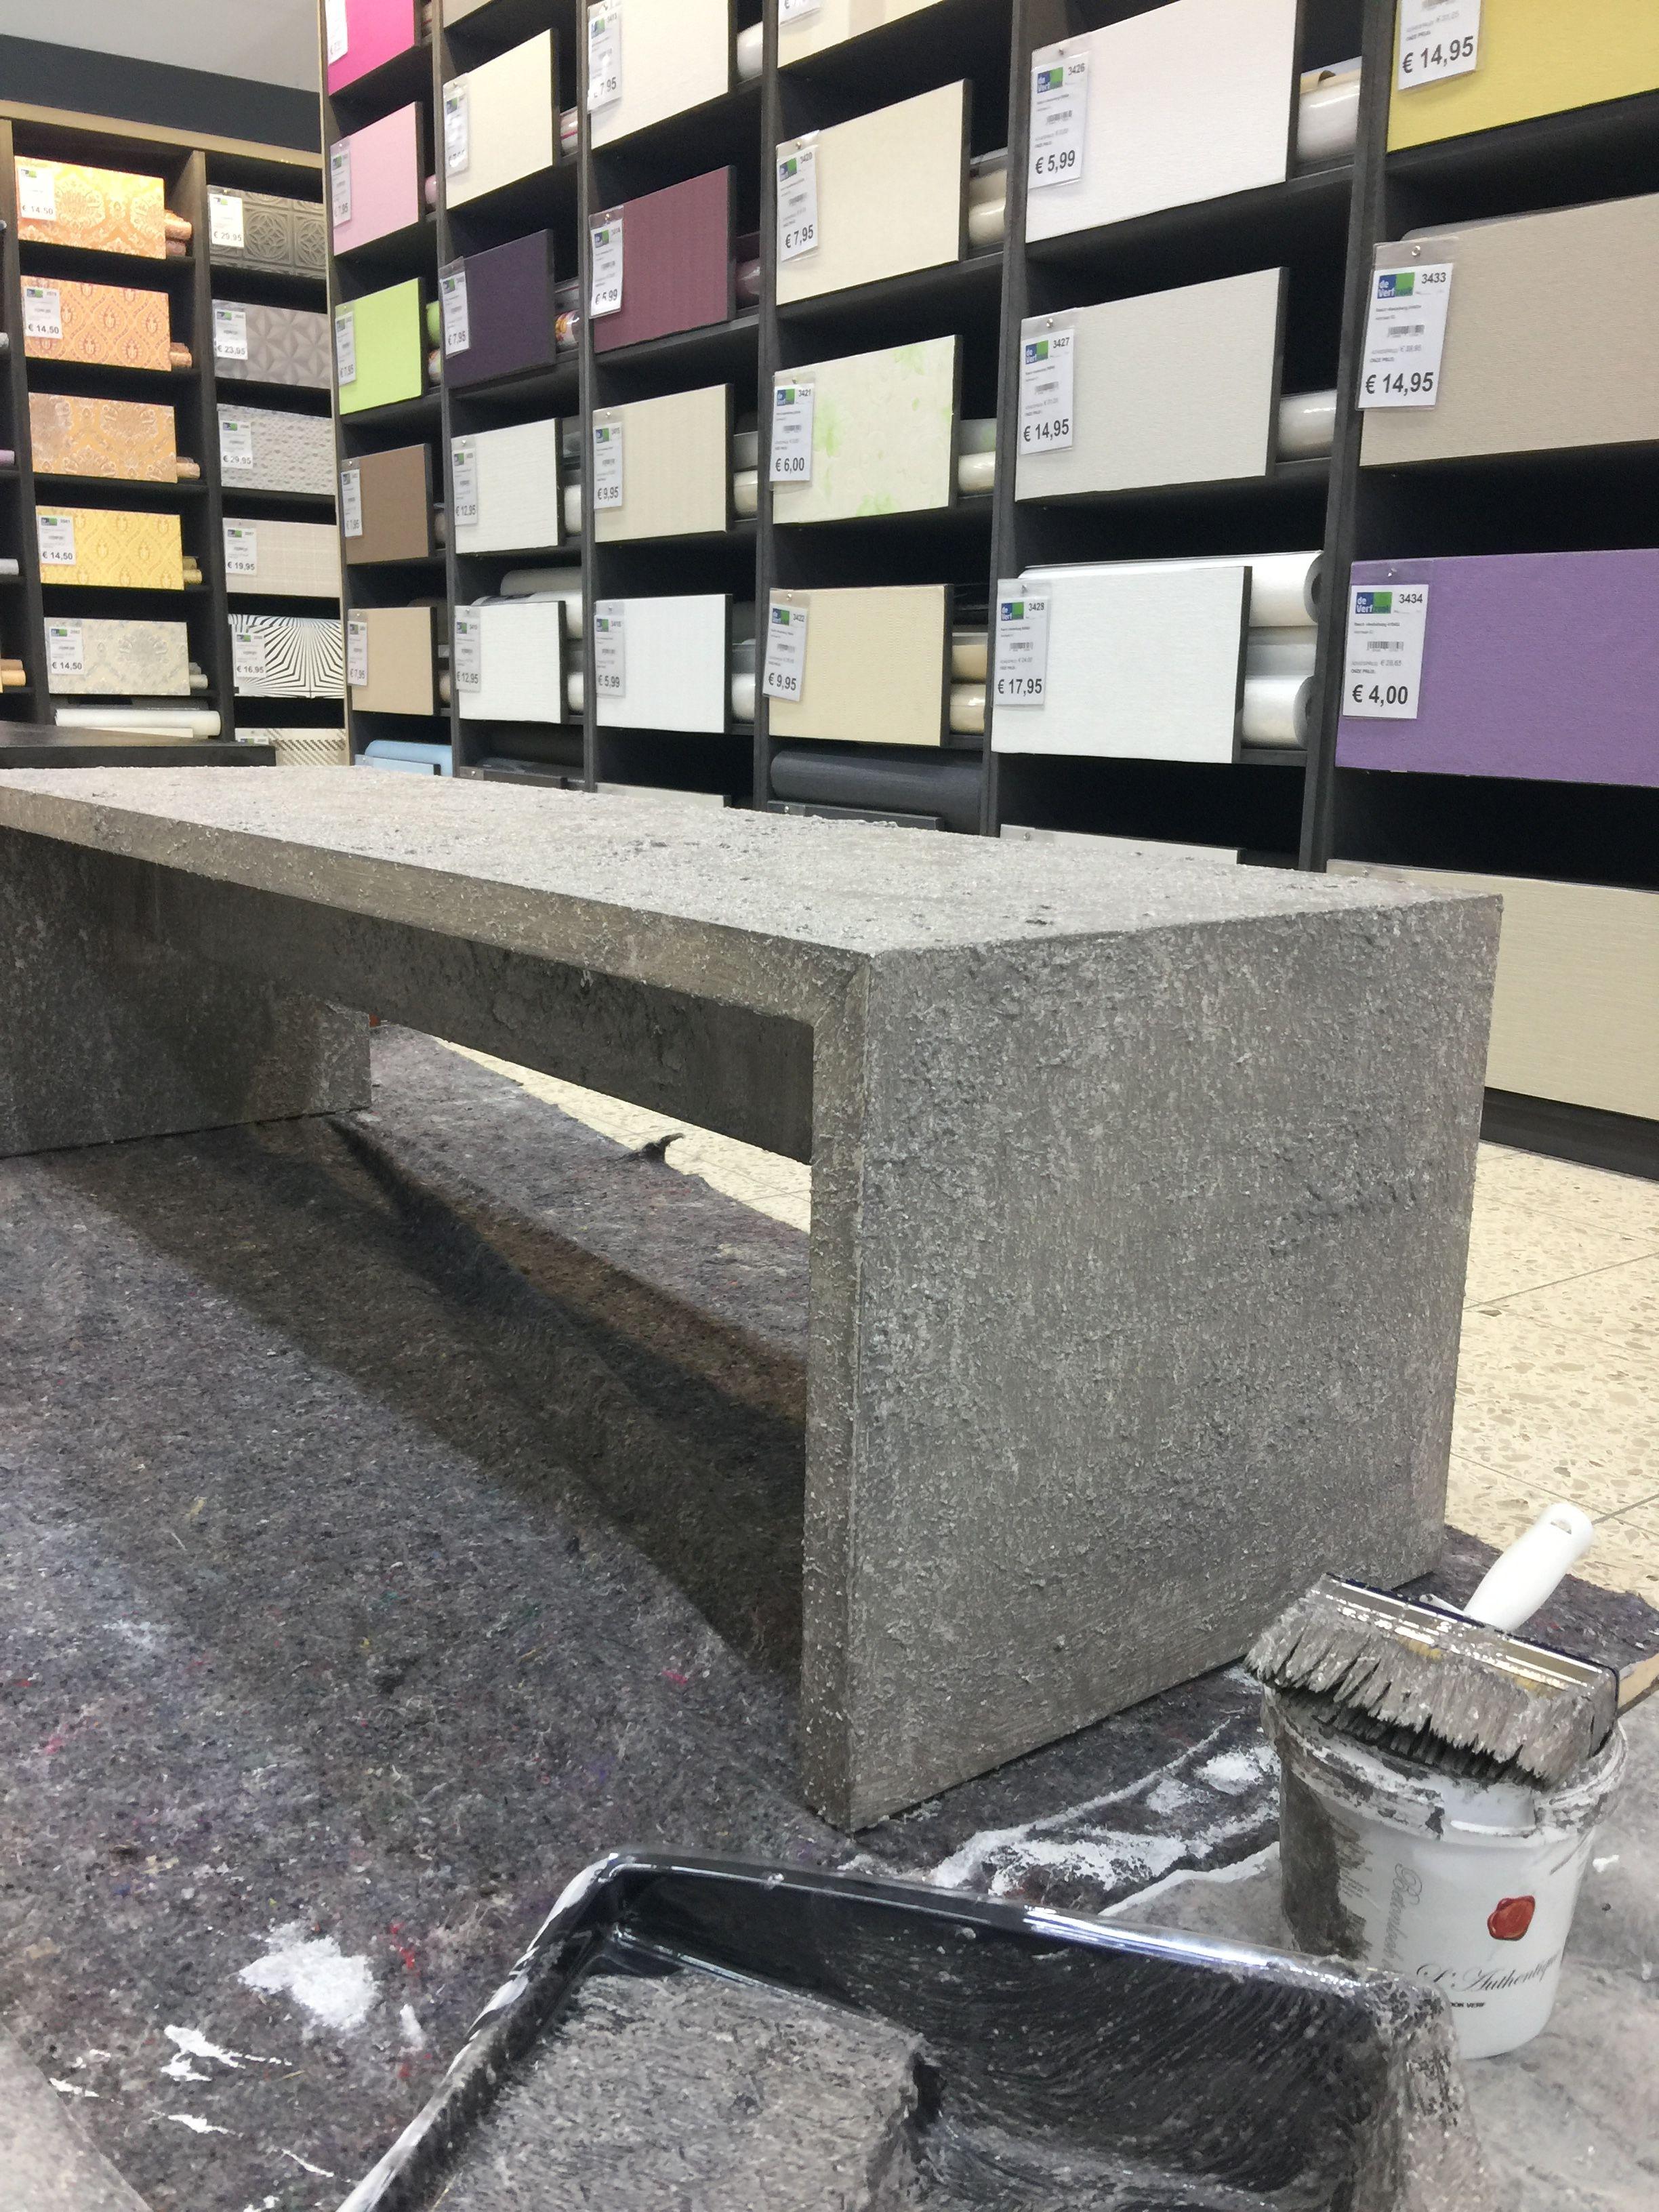 l authentique betonlook verf kleur 133 cement paint